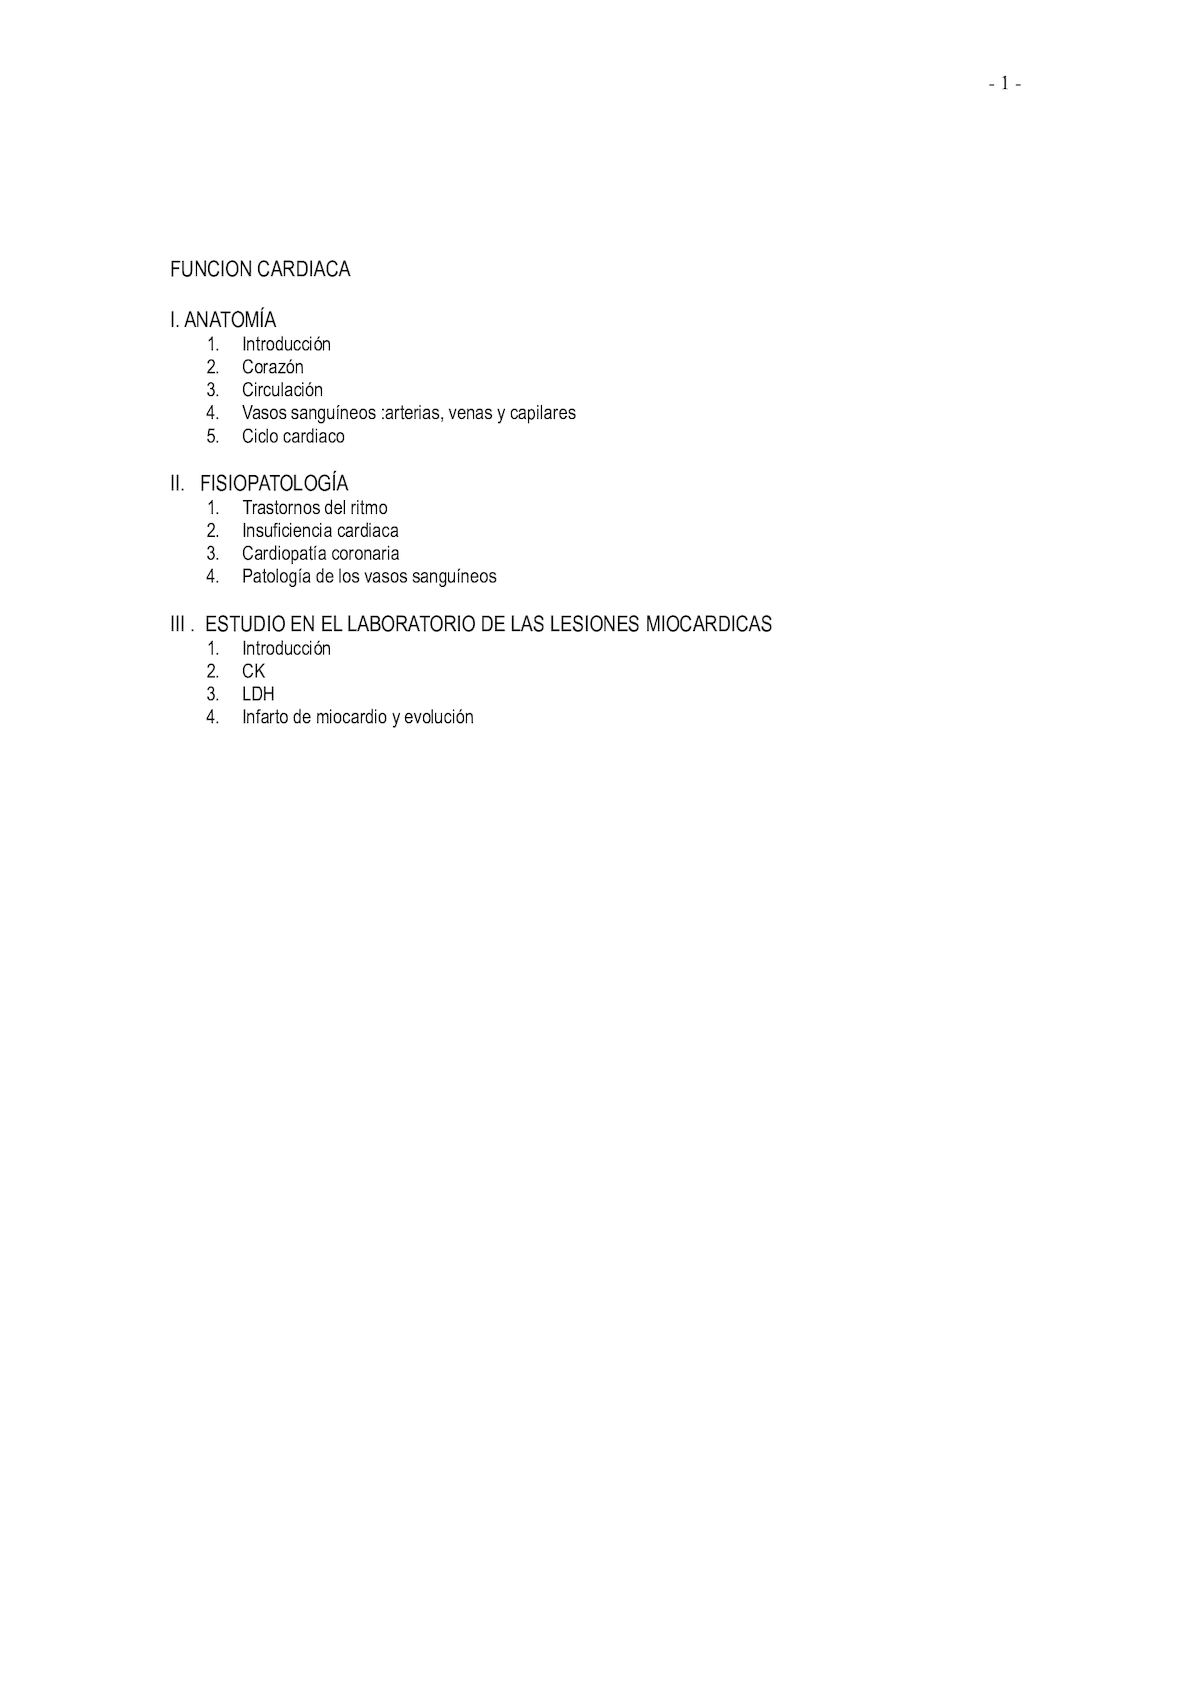 Calaméo - El aparato cardiocirculatorio